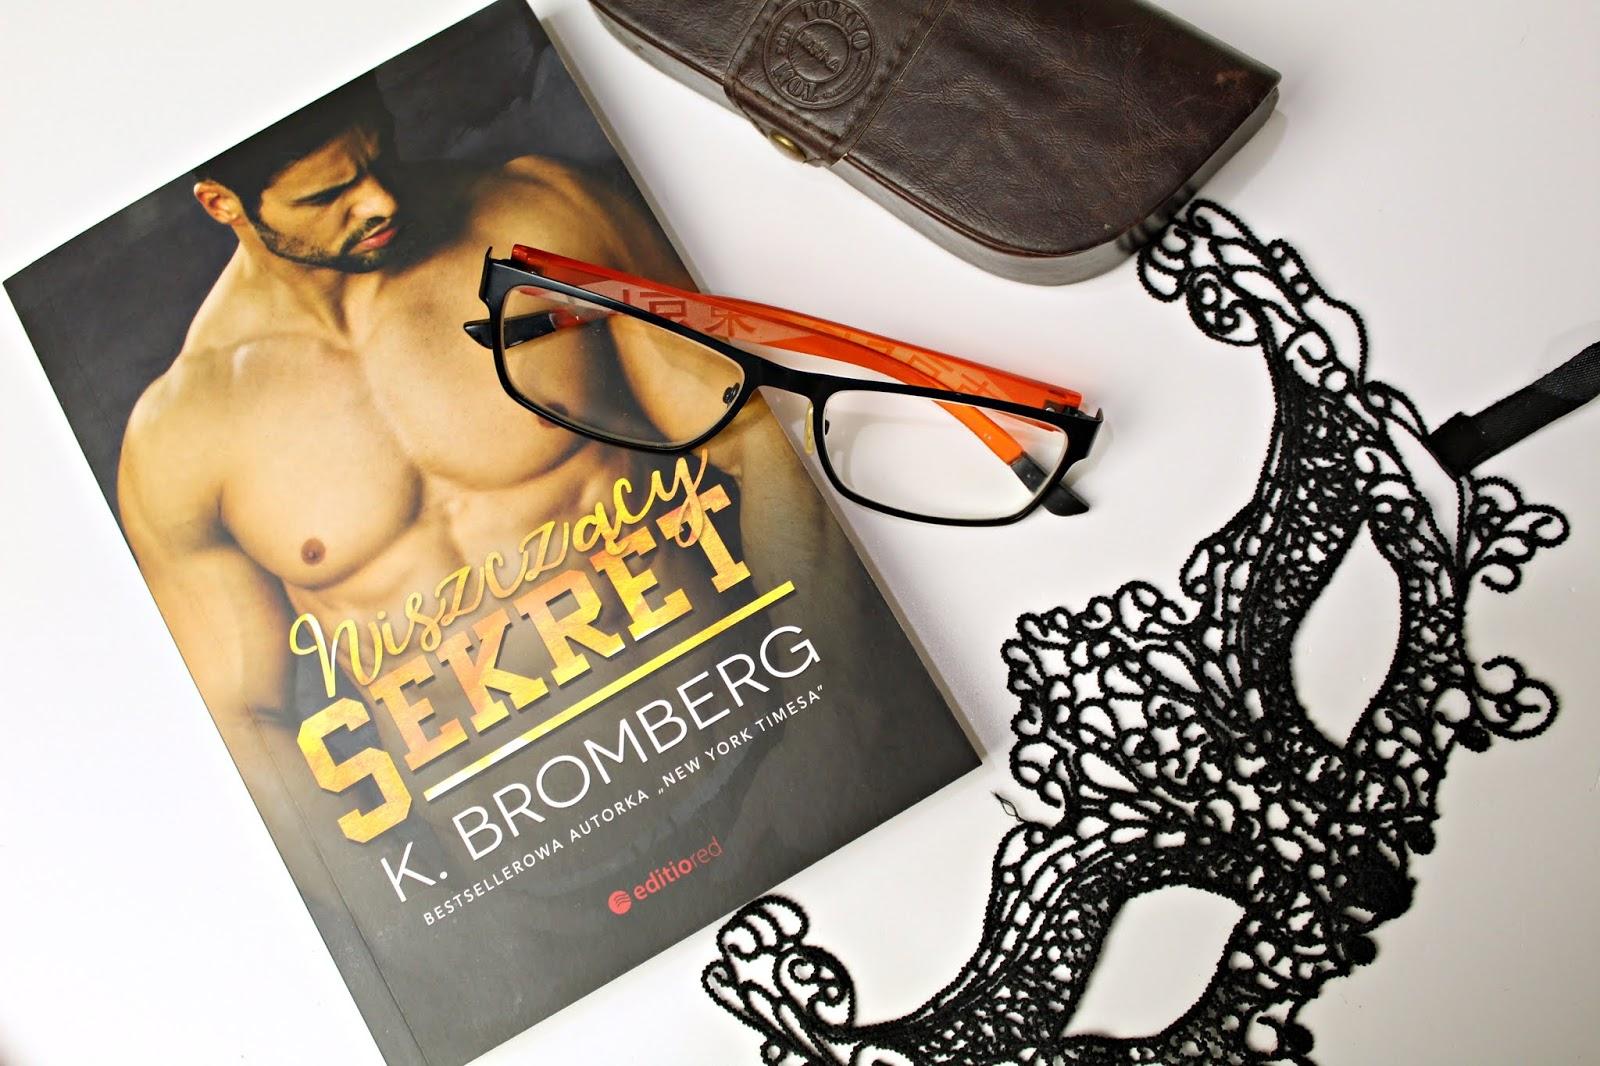 """K. Bromberg """"Niszczący Sekret"""" - recenzja"""